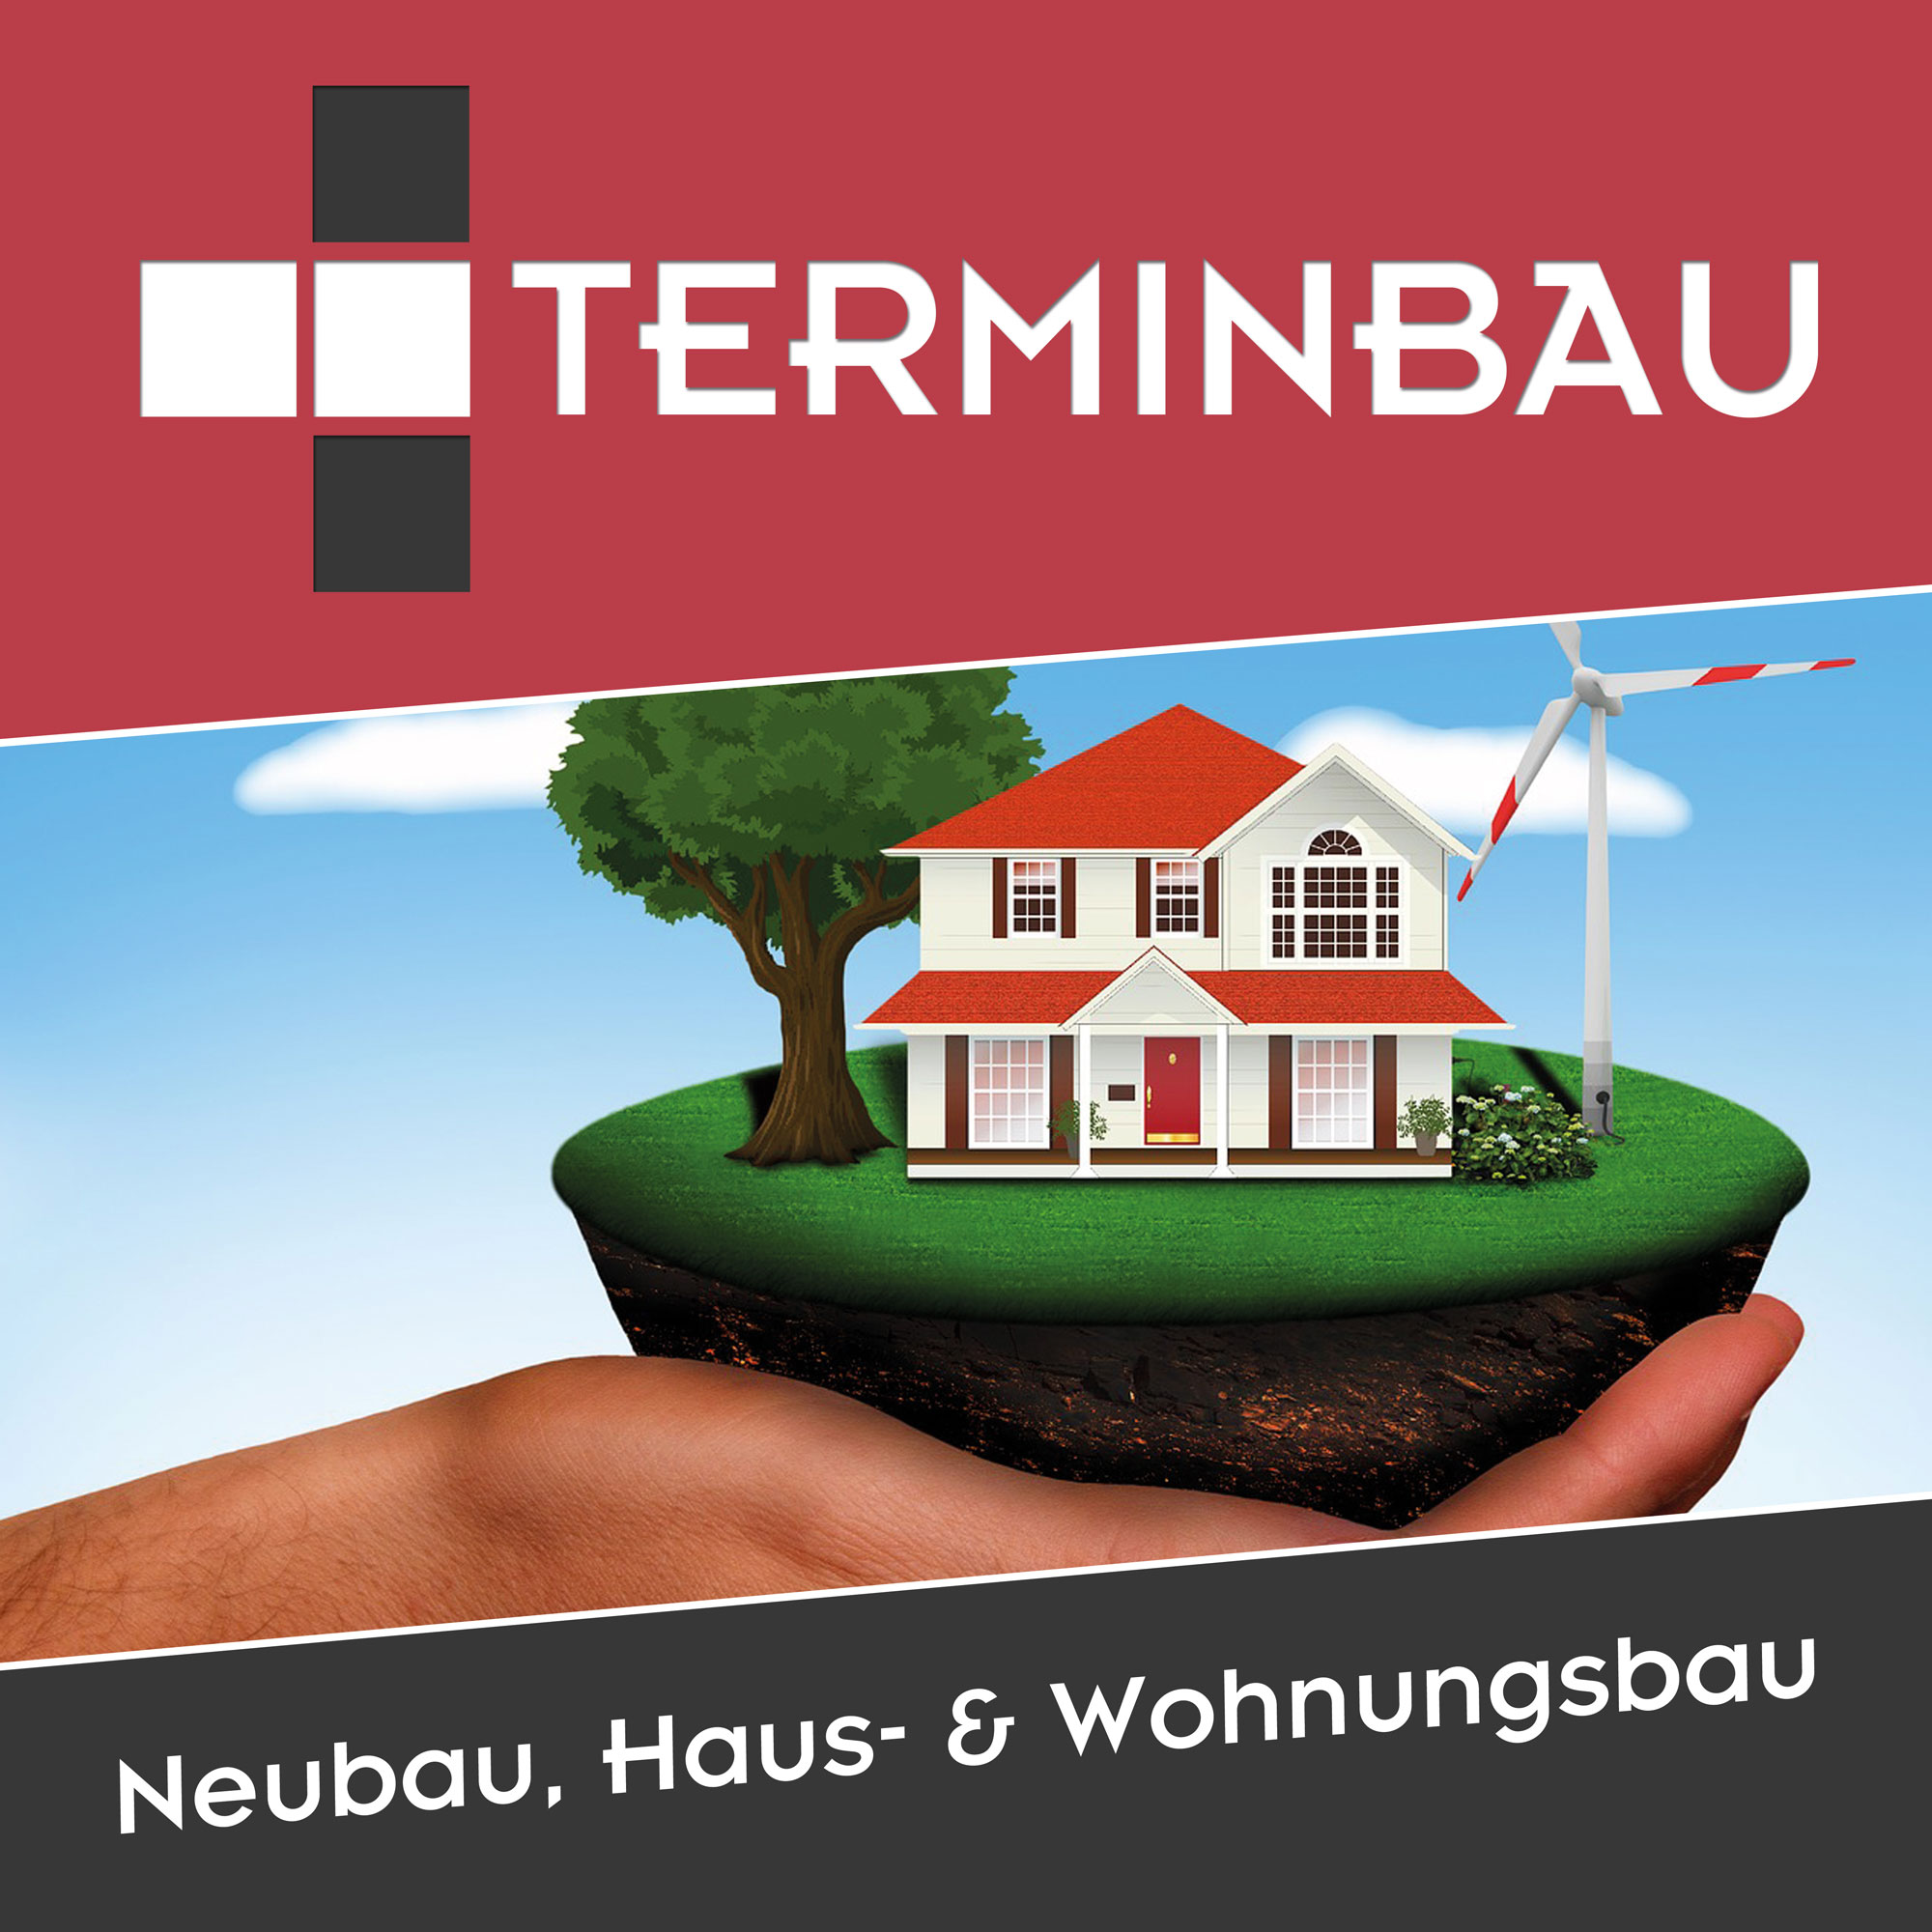 Baufirma Leipzig - Wir bauen auch Ihr Traumhaus - Egal ob Stadtvilla, Bungalow oder...